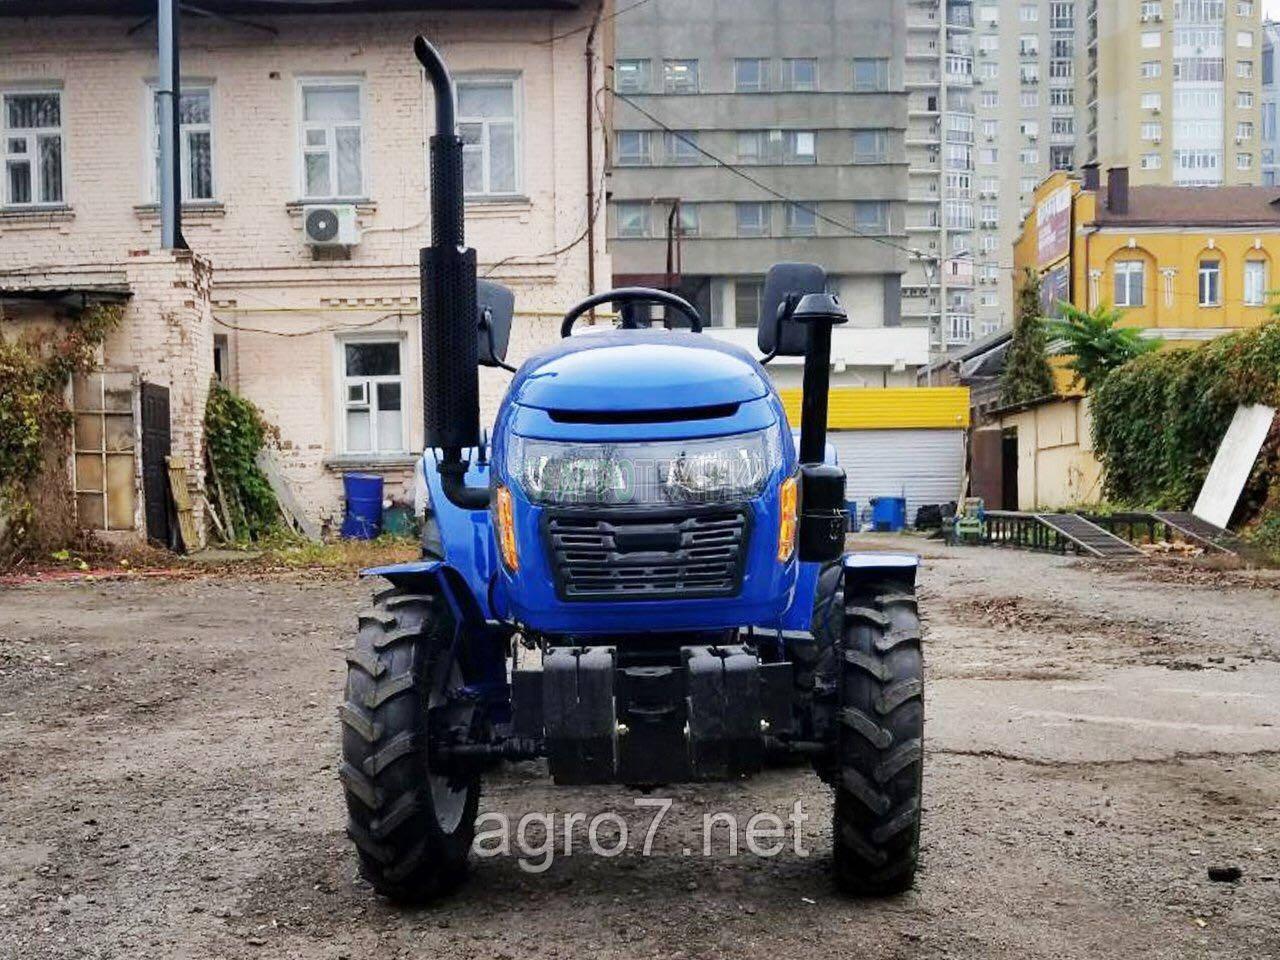 Заказать минитрактора Булат с доставкой по всей Украине